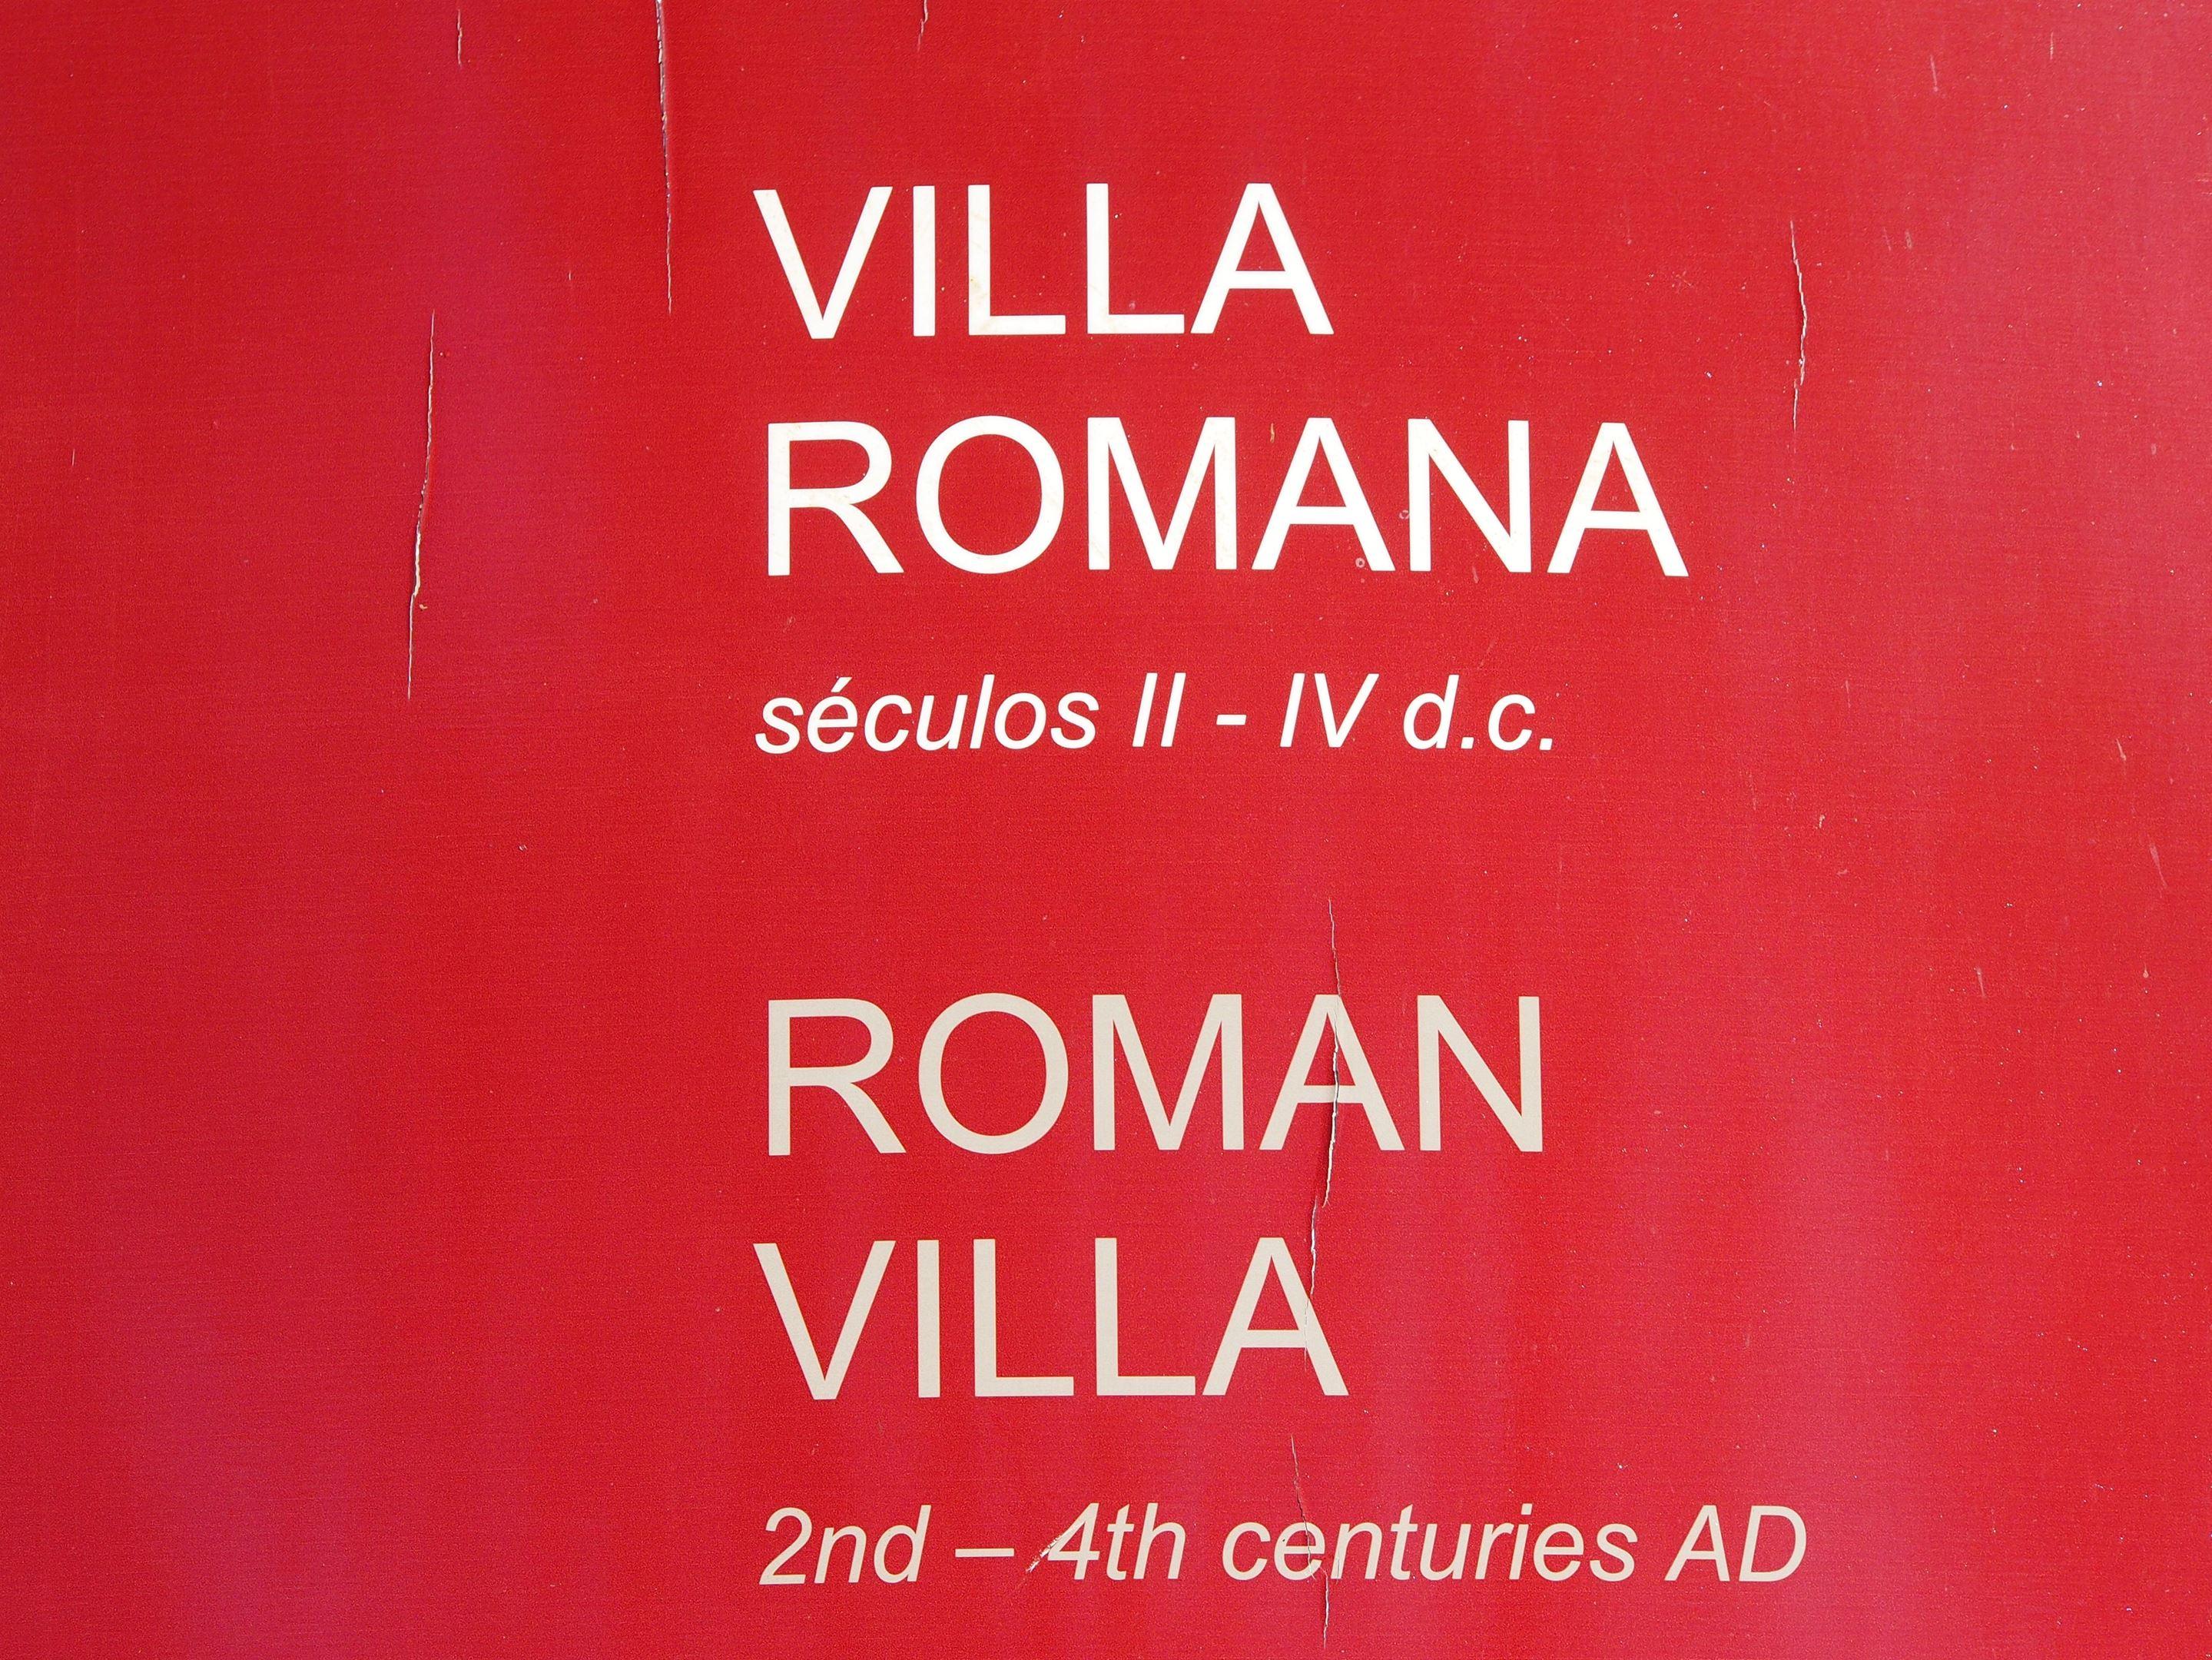 Roman Villa of Milreu, Estoi